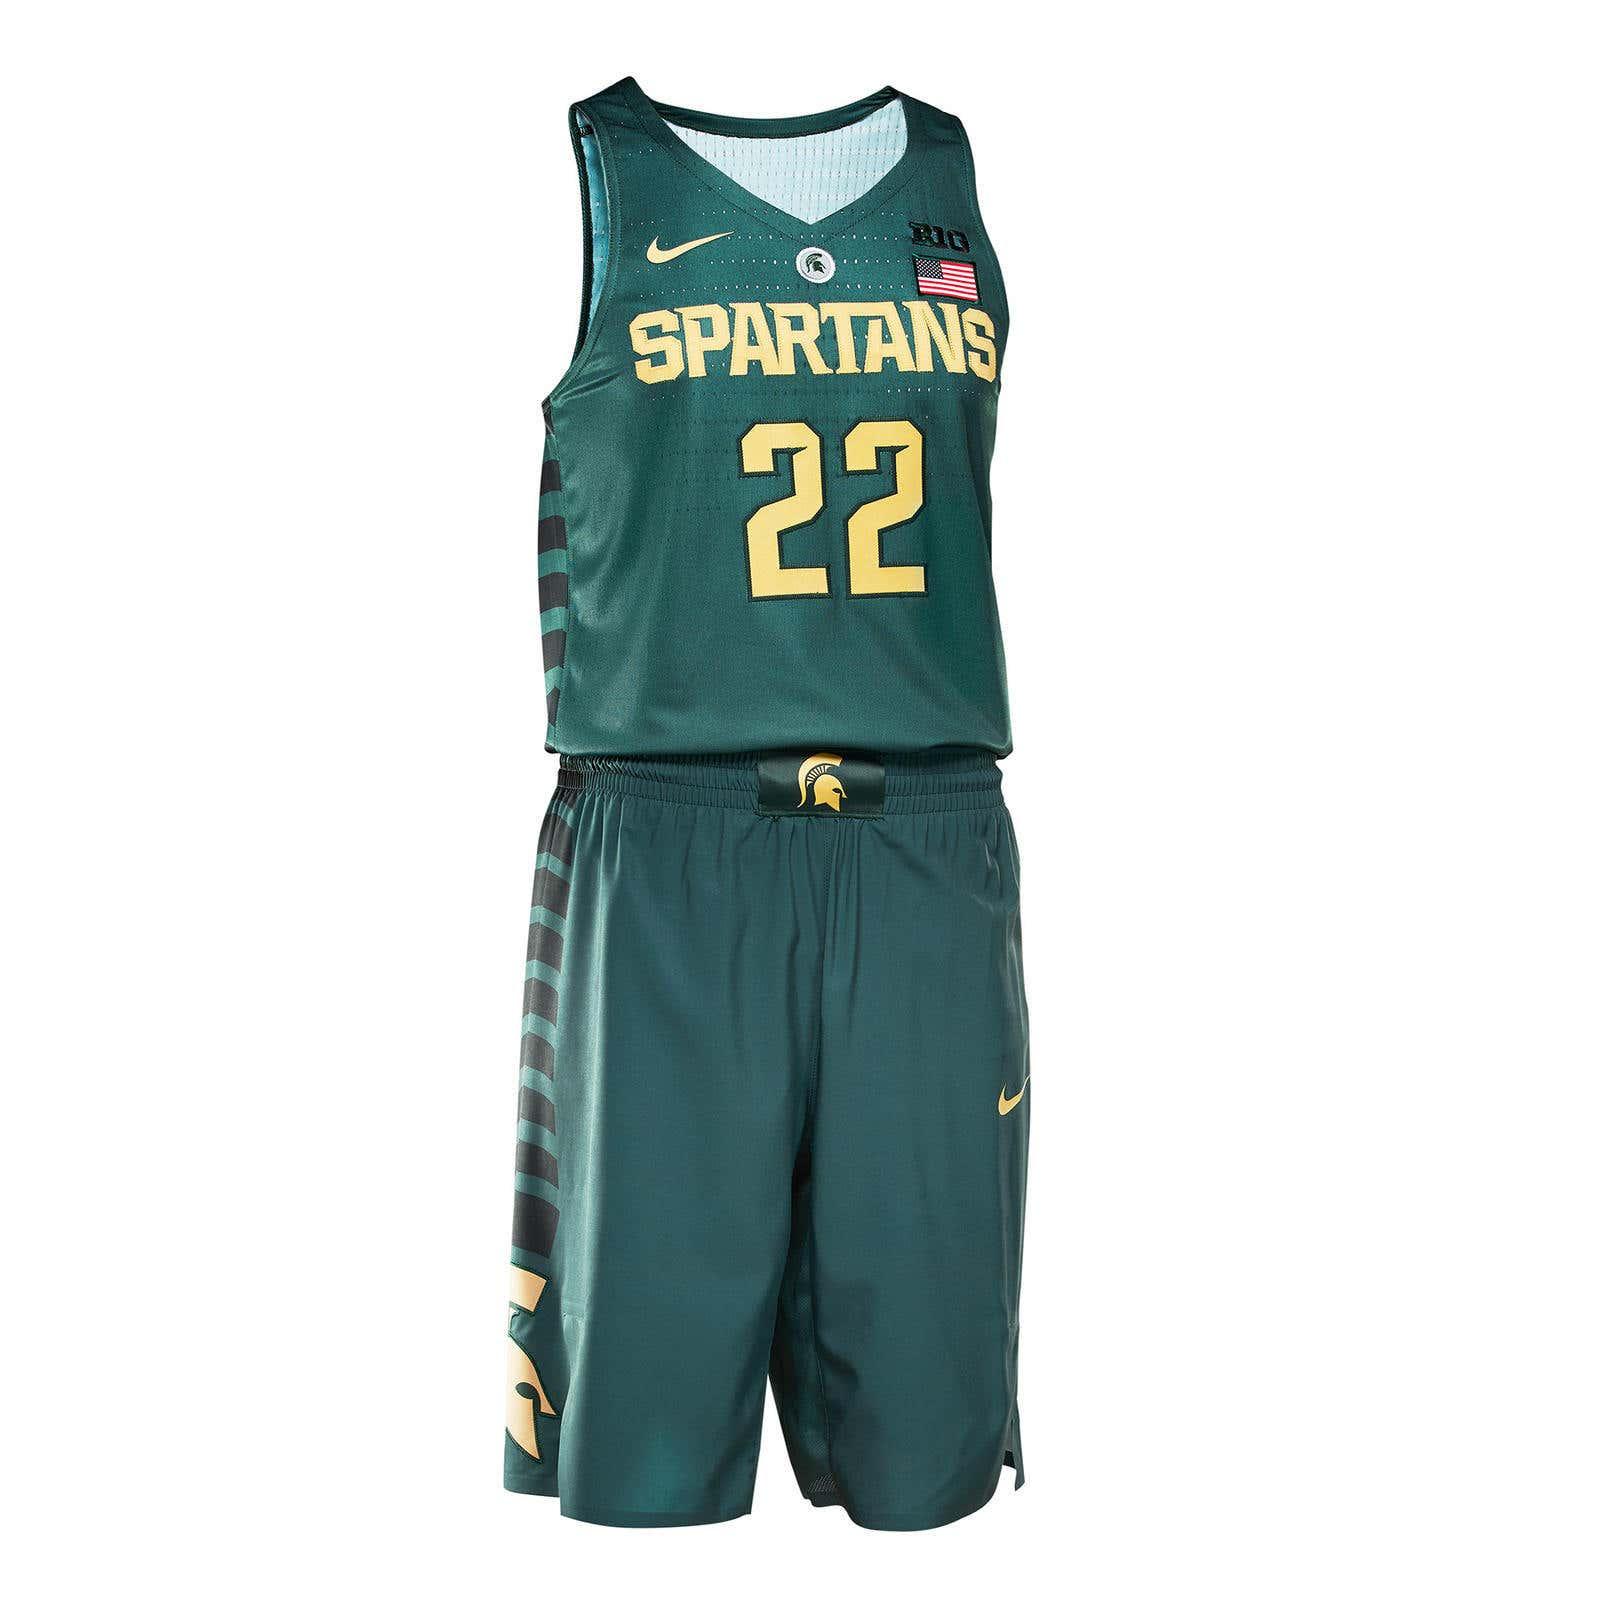 171114-pk80-apparel-mens-spartans-square-1600jpg-965afdf4d446a6ea